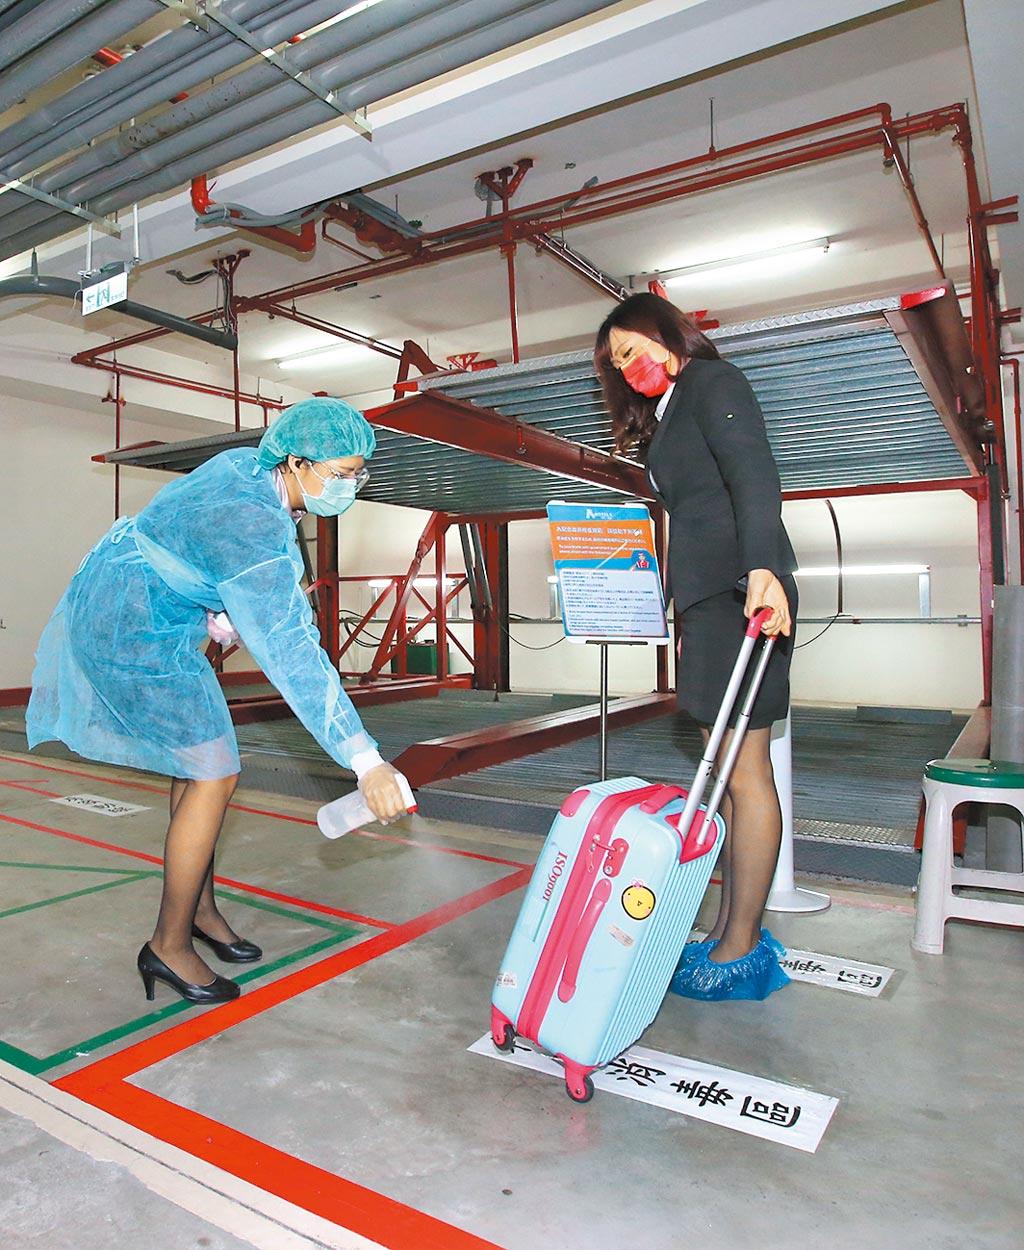 針對新冠肺炎疫情延燒,台北市防疫旅館針對入住旅客從一下車就開始替行李進行消毒做好防疫準備。(本報資料照片)